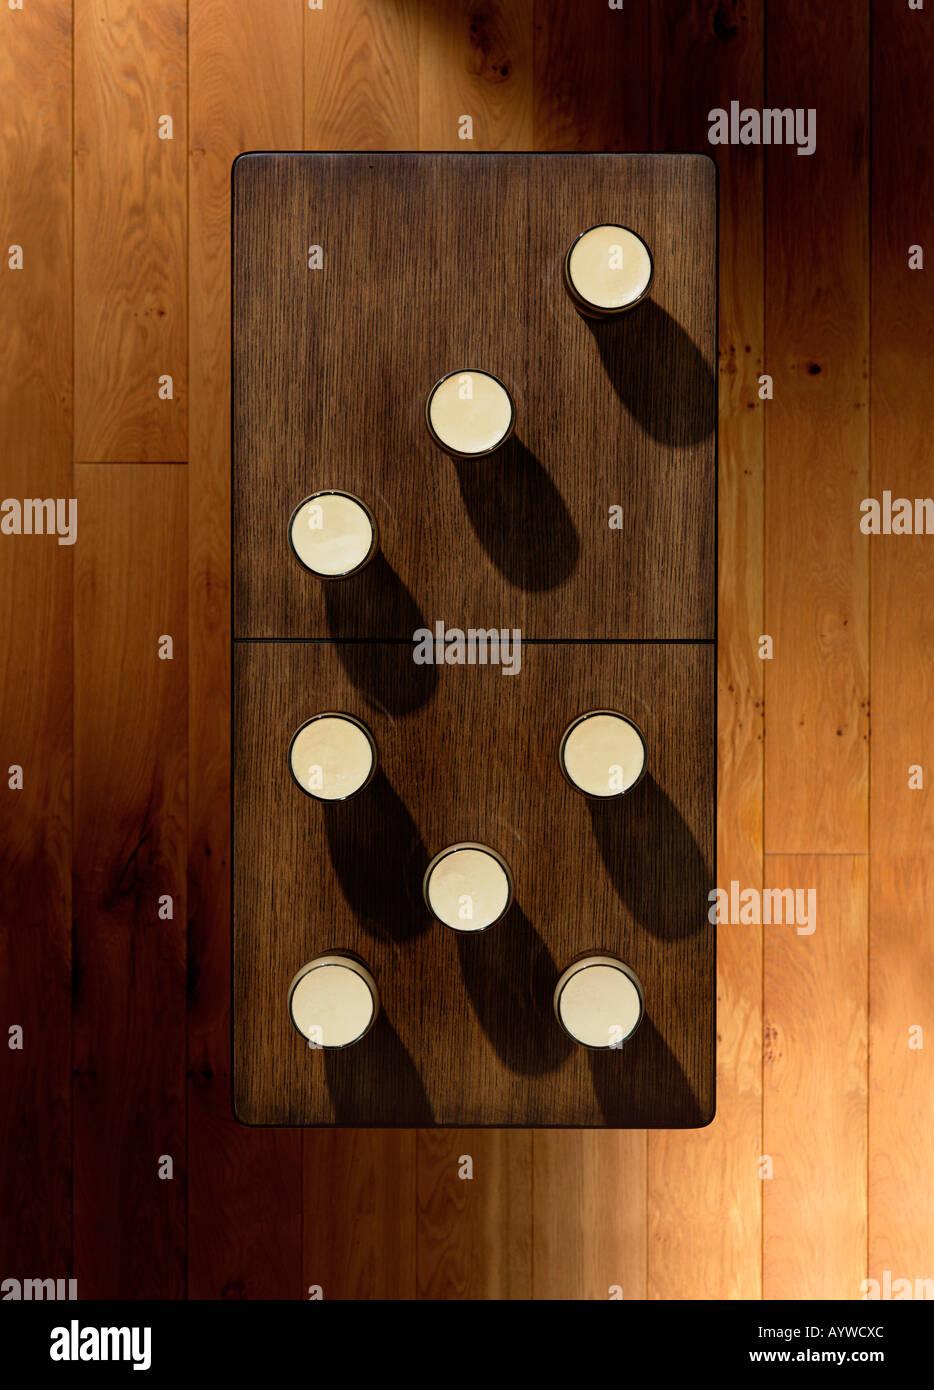 Un passage tiré d'une table avec quelques pintes mis sur elle à aussi l'air d'un domino Photo Stock